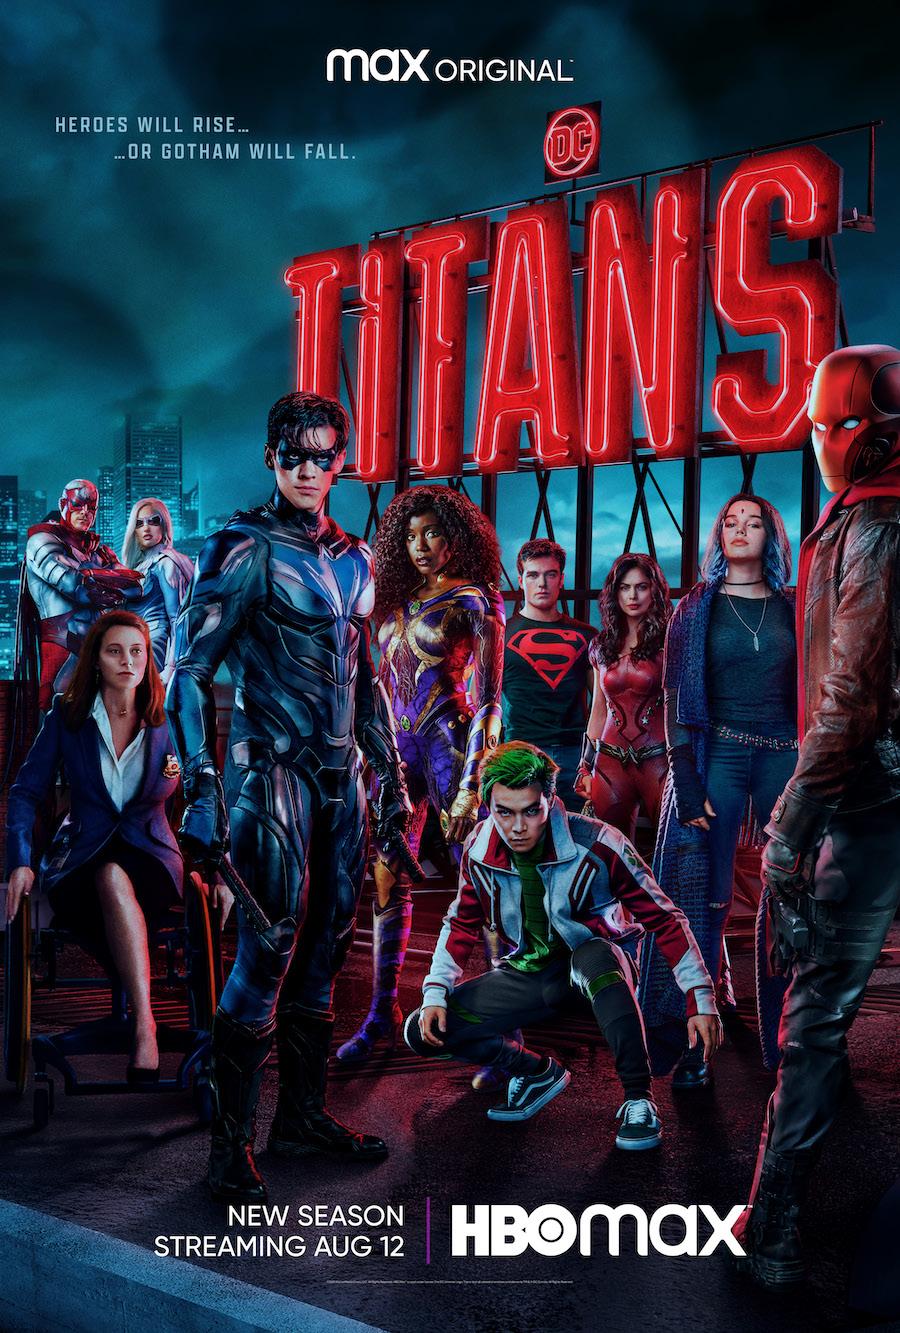 Найтвинг заменяет Бэтмена в трейлер 3 сезона сериала «Титаны»